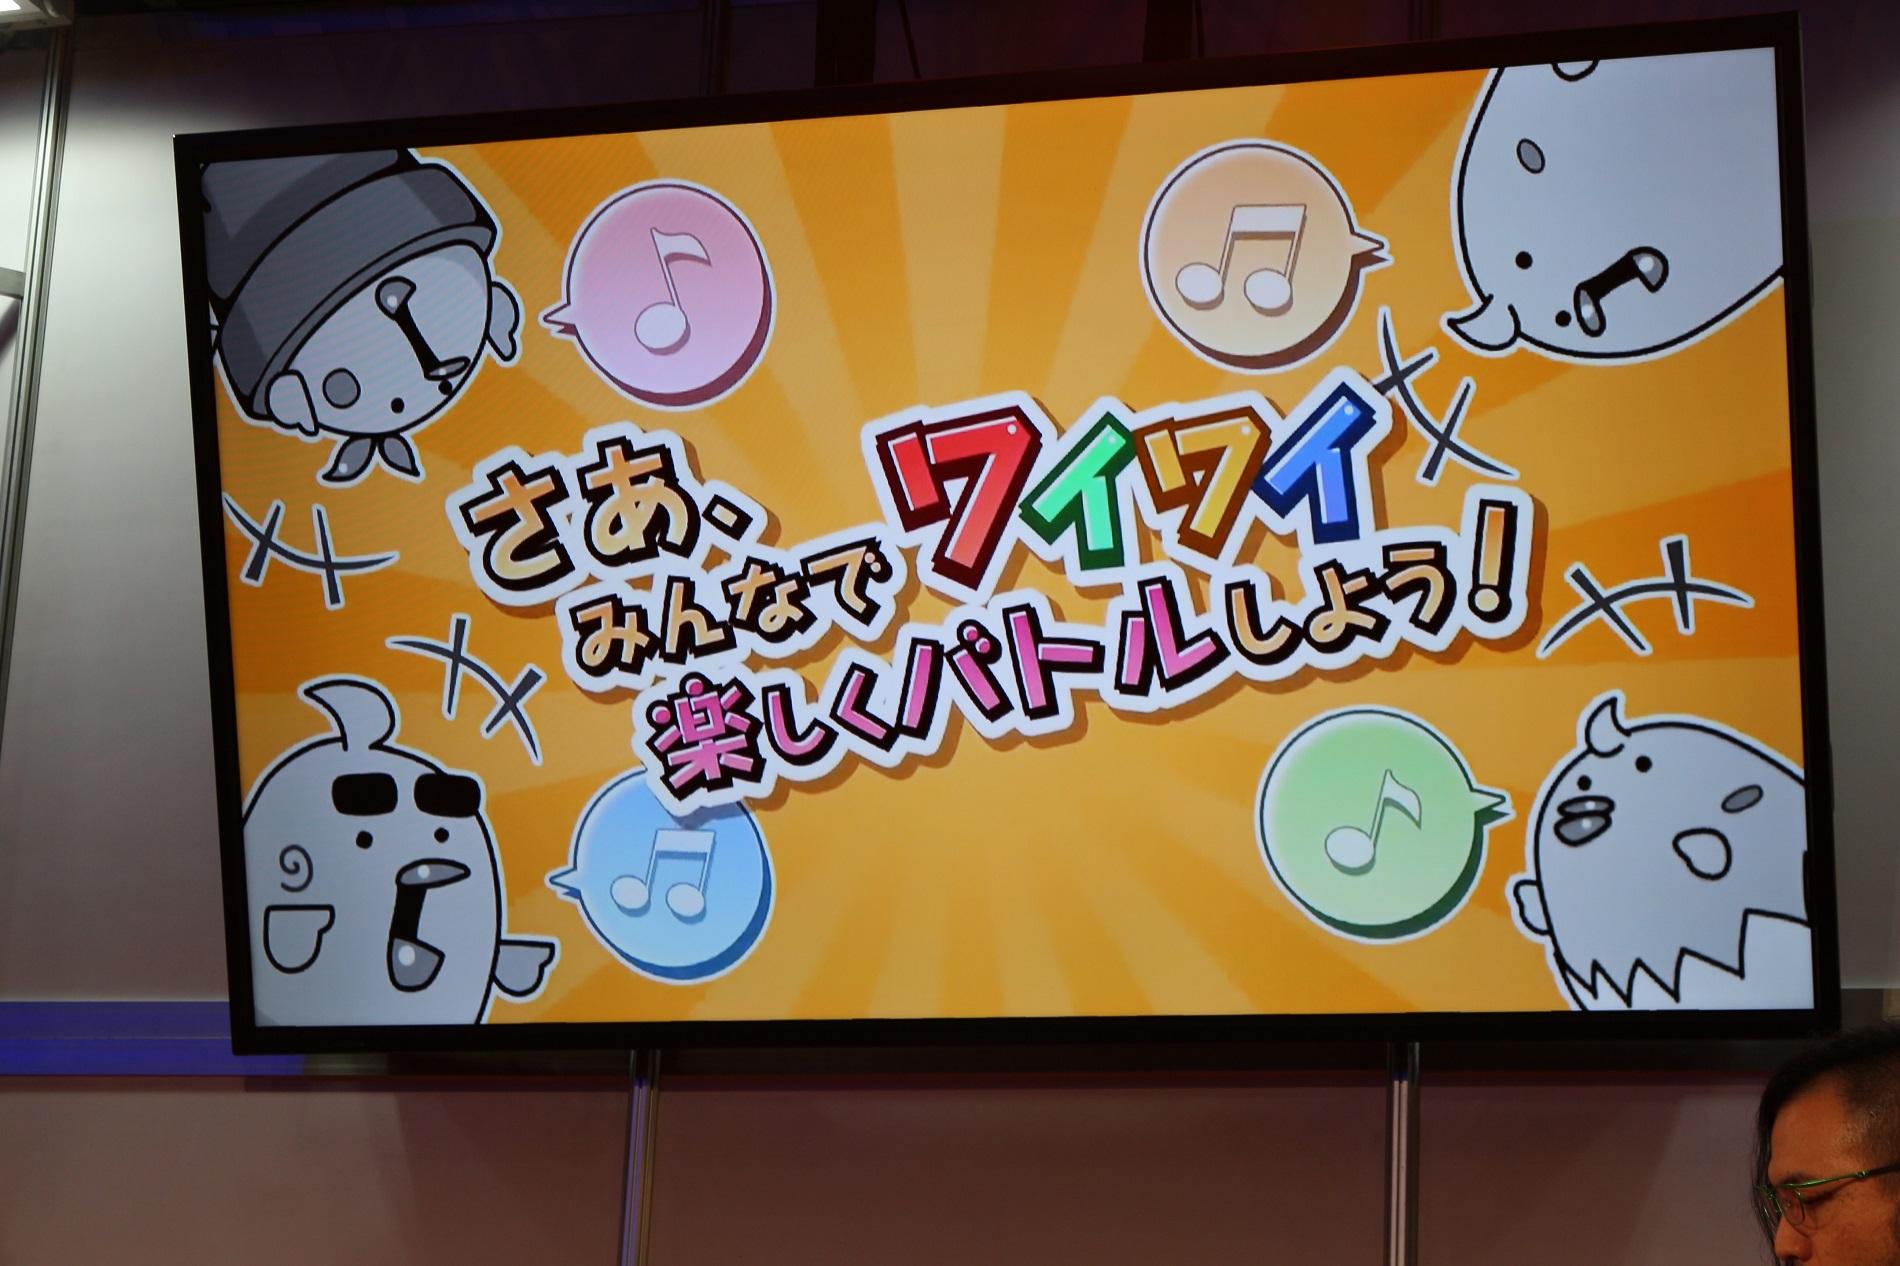 【闘会議2018】PONOSブースのラストイベントで注目タイトルを一挙紹介!